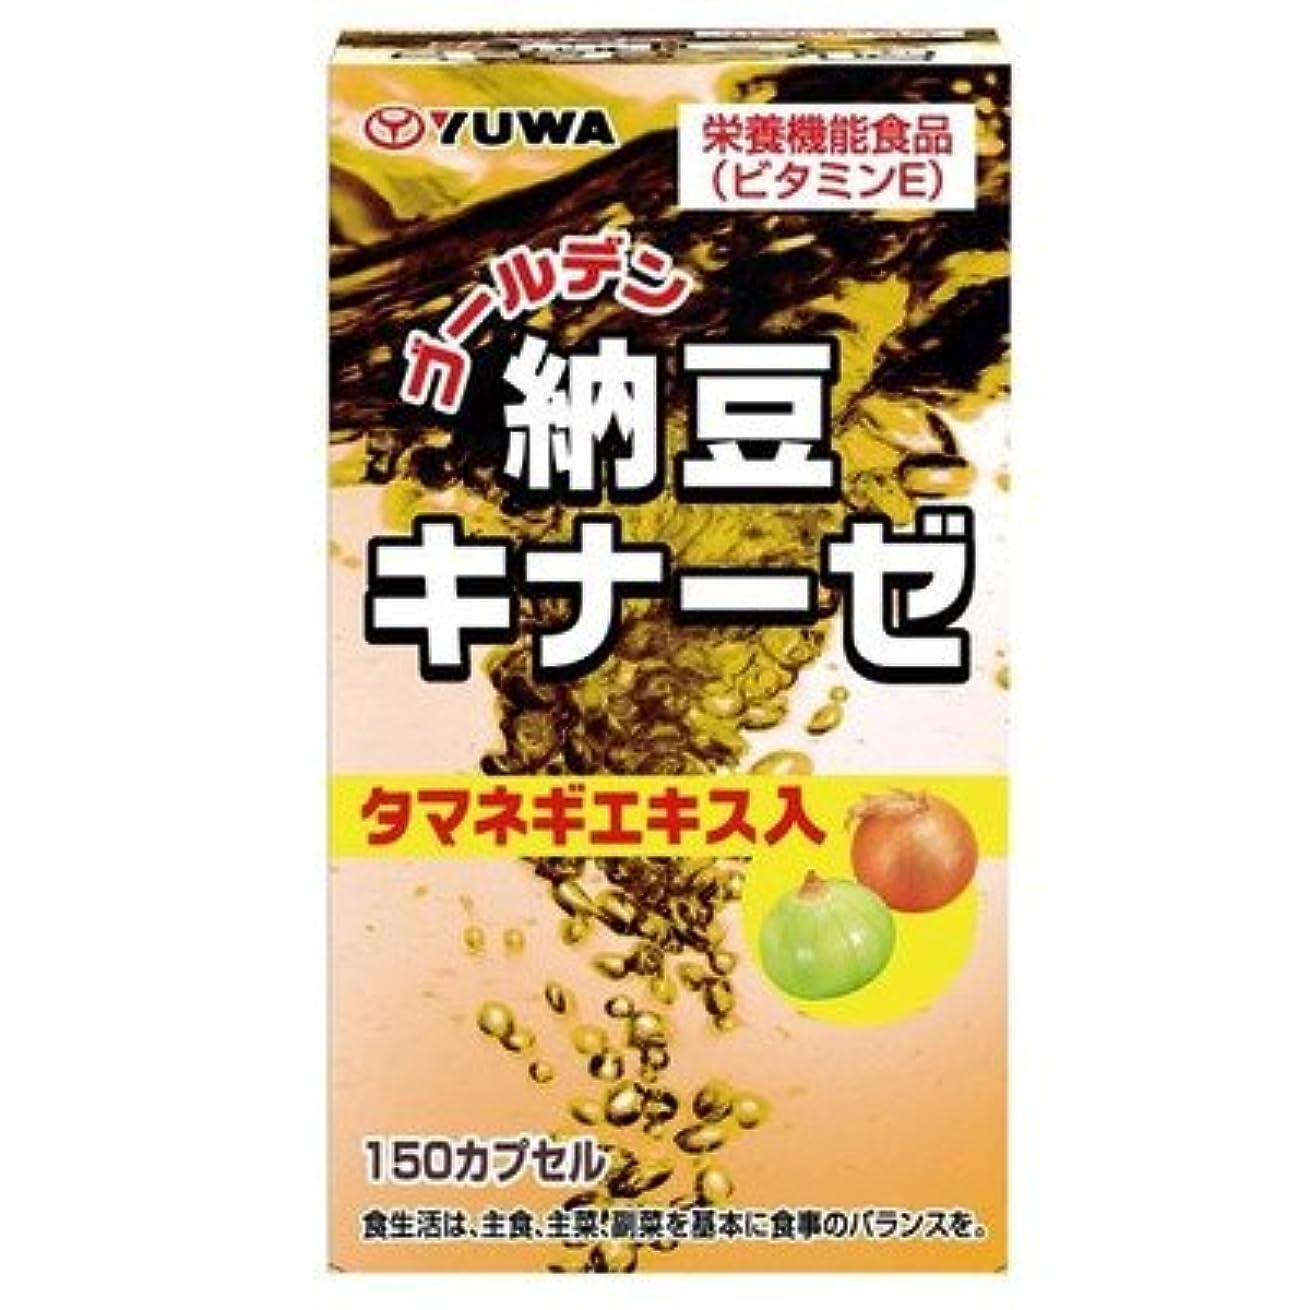 消毒する排泄物一掃するユーワ ゴールデン納豆キナーゼ タマネギエキス入 63g(420mg×150粒) 1627